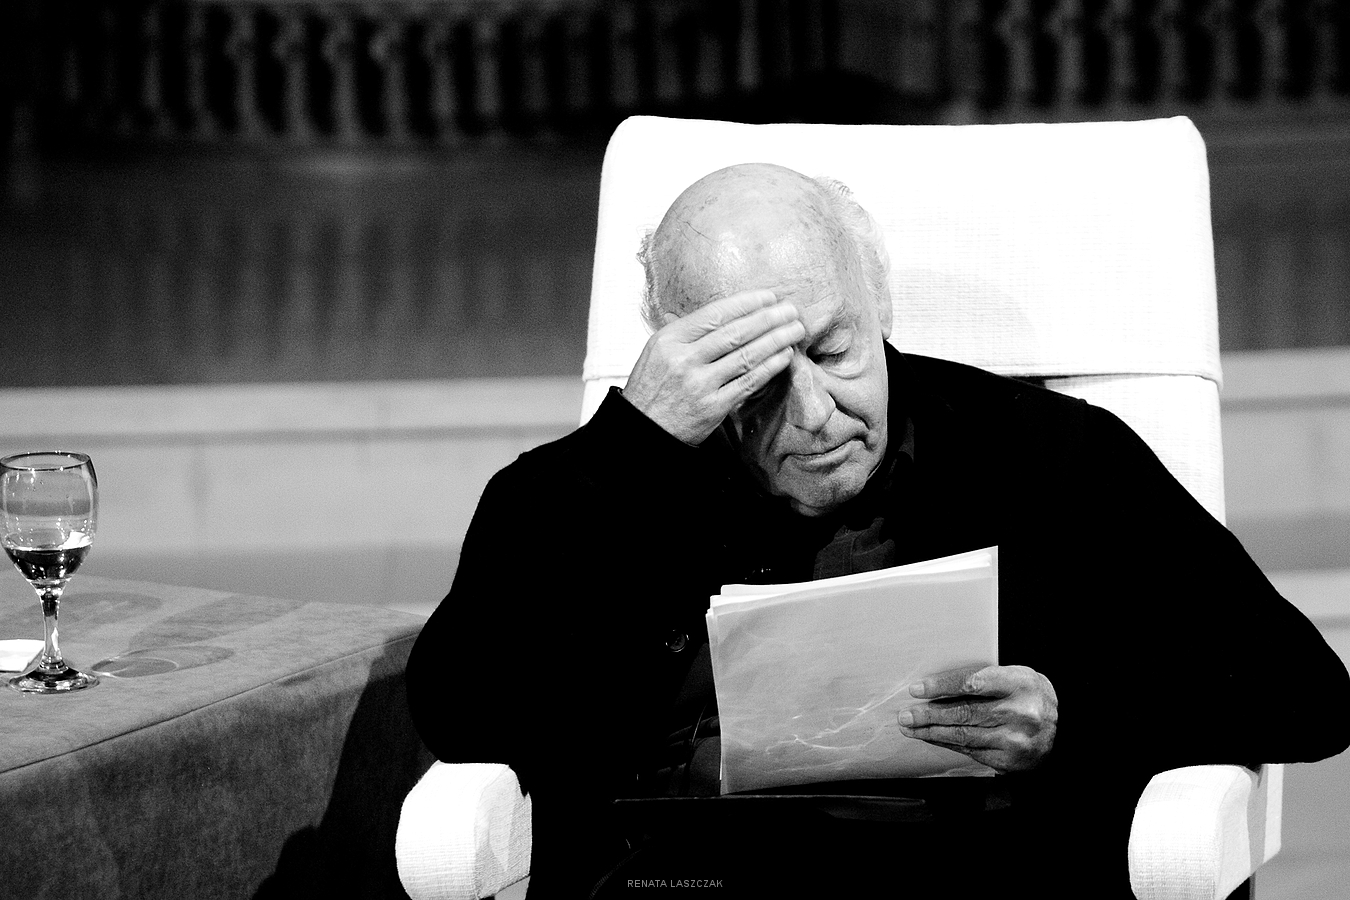 Conozca-la-visión-del-fútbol-de-Eduardo-Galeano-1940-2015-640